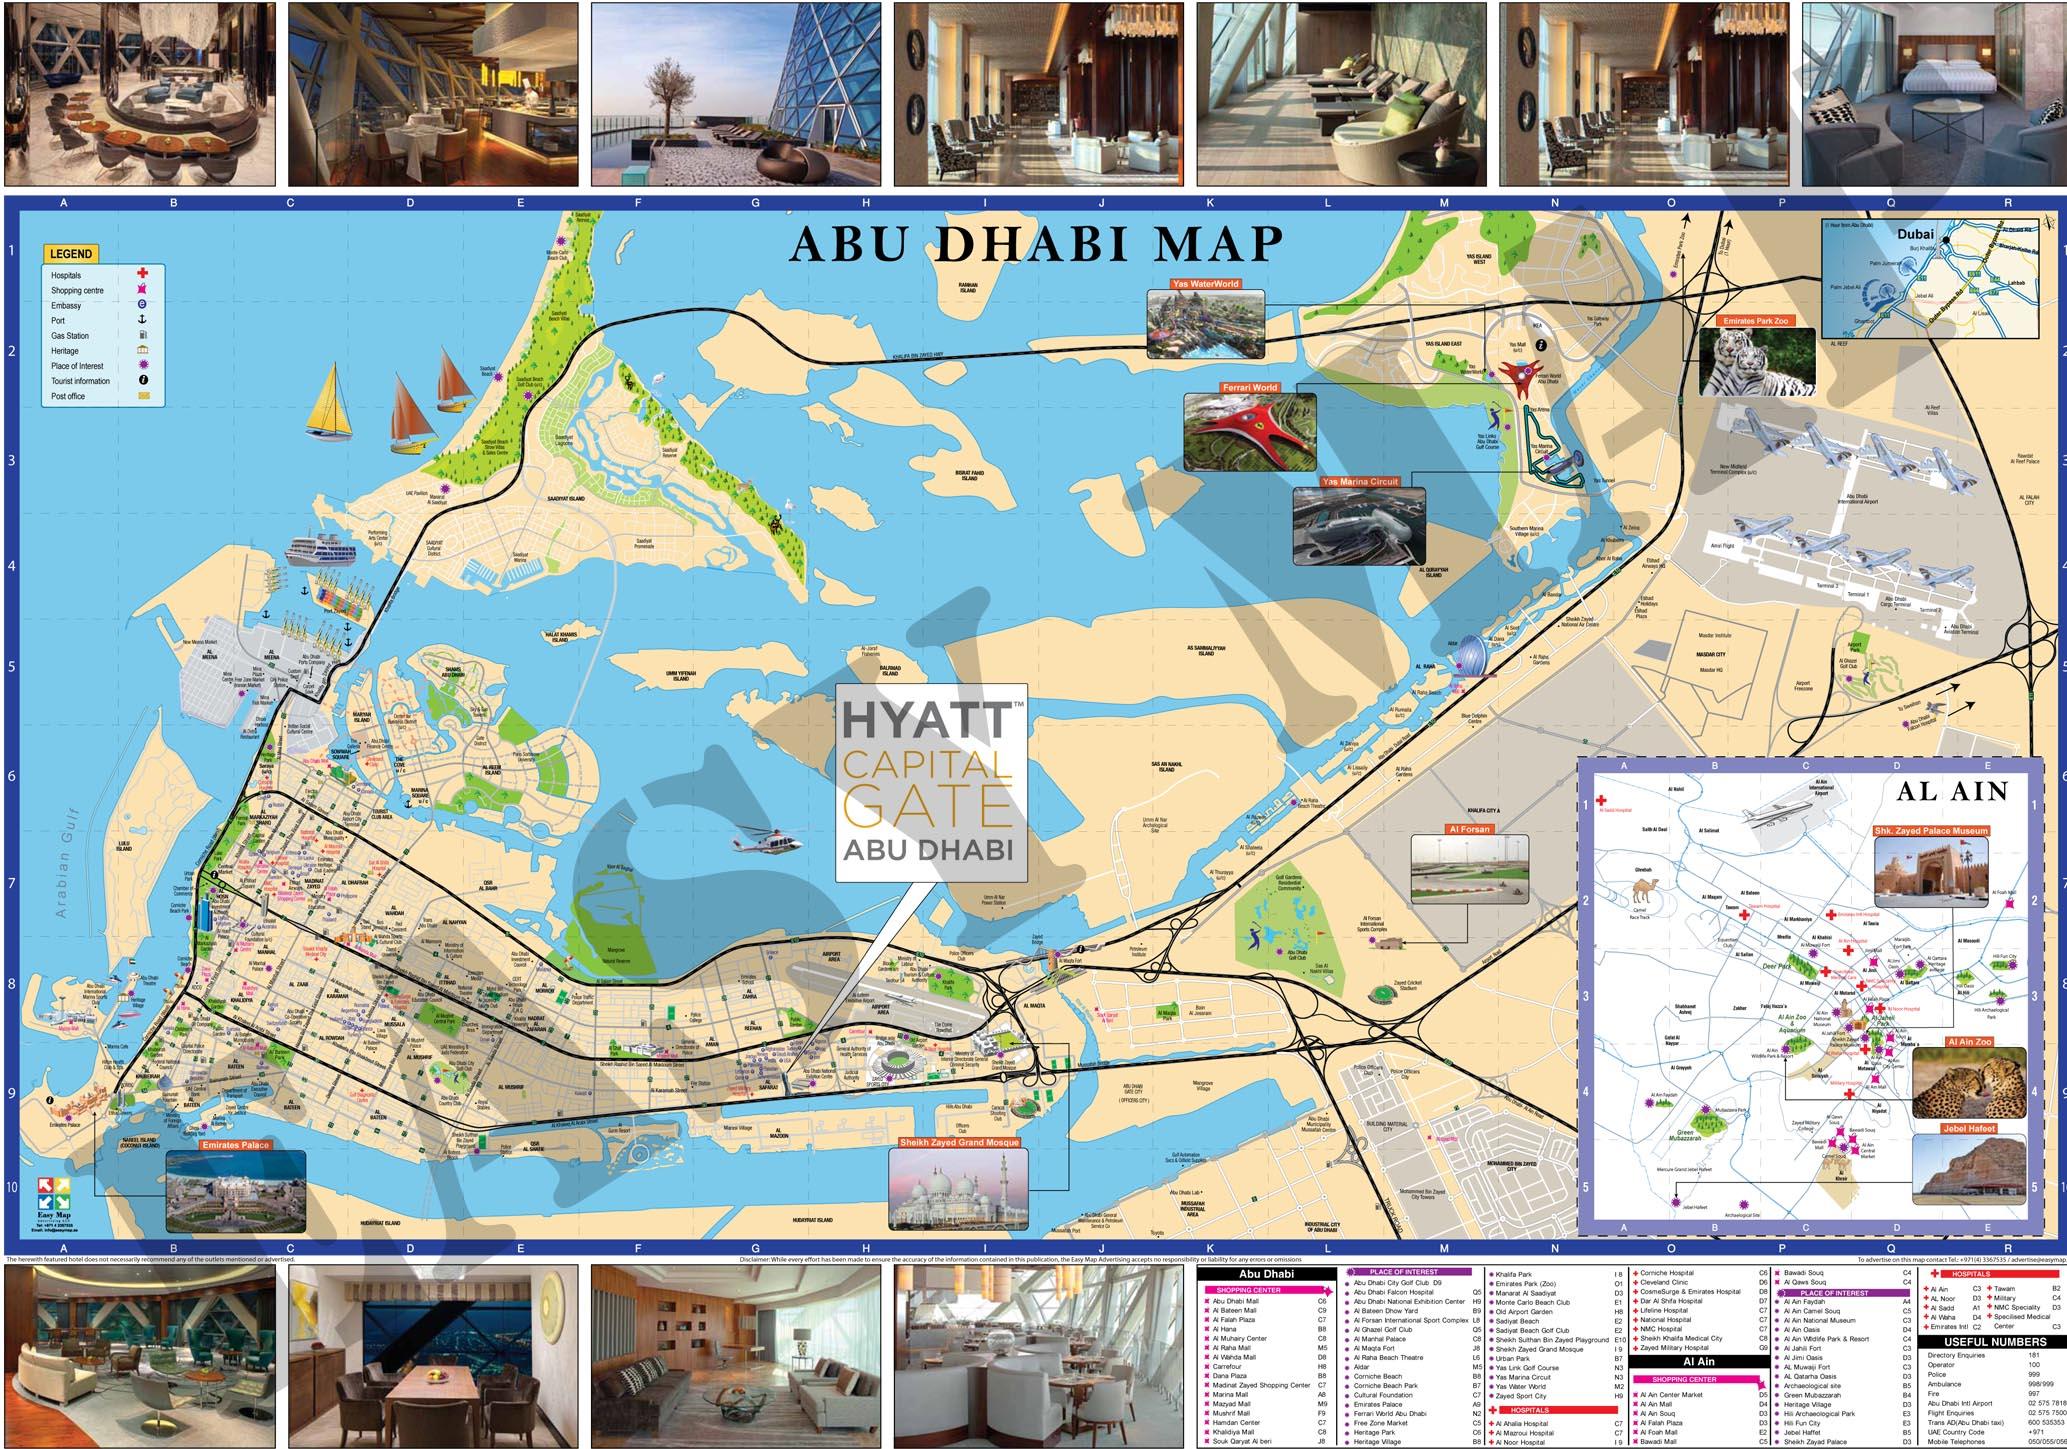 Hyatt Map